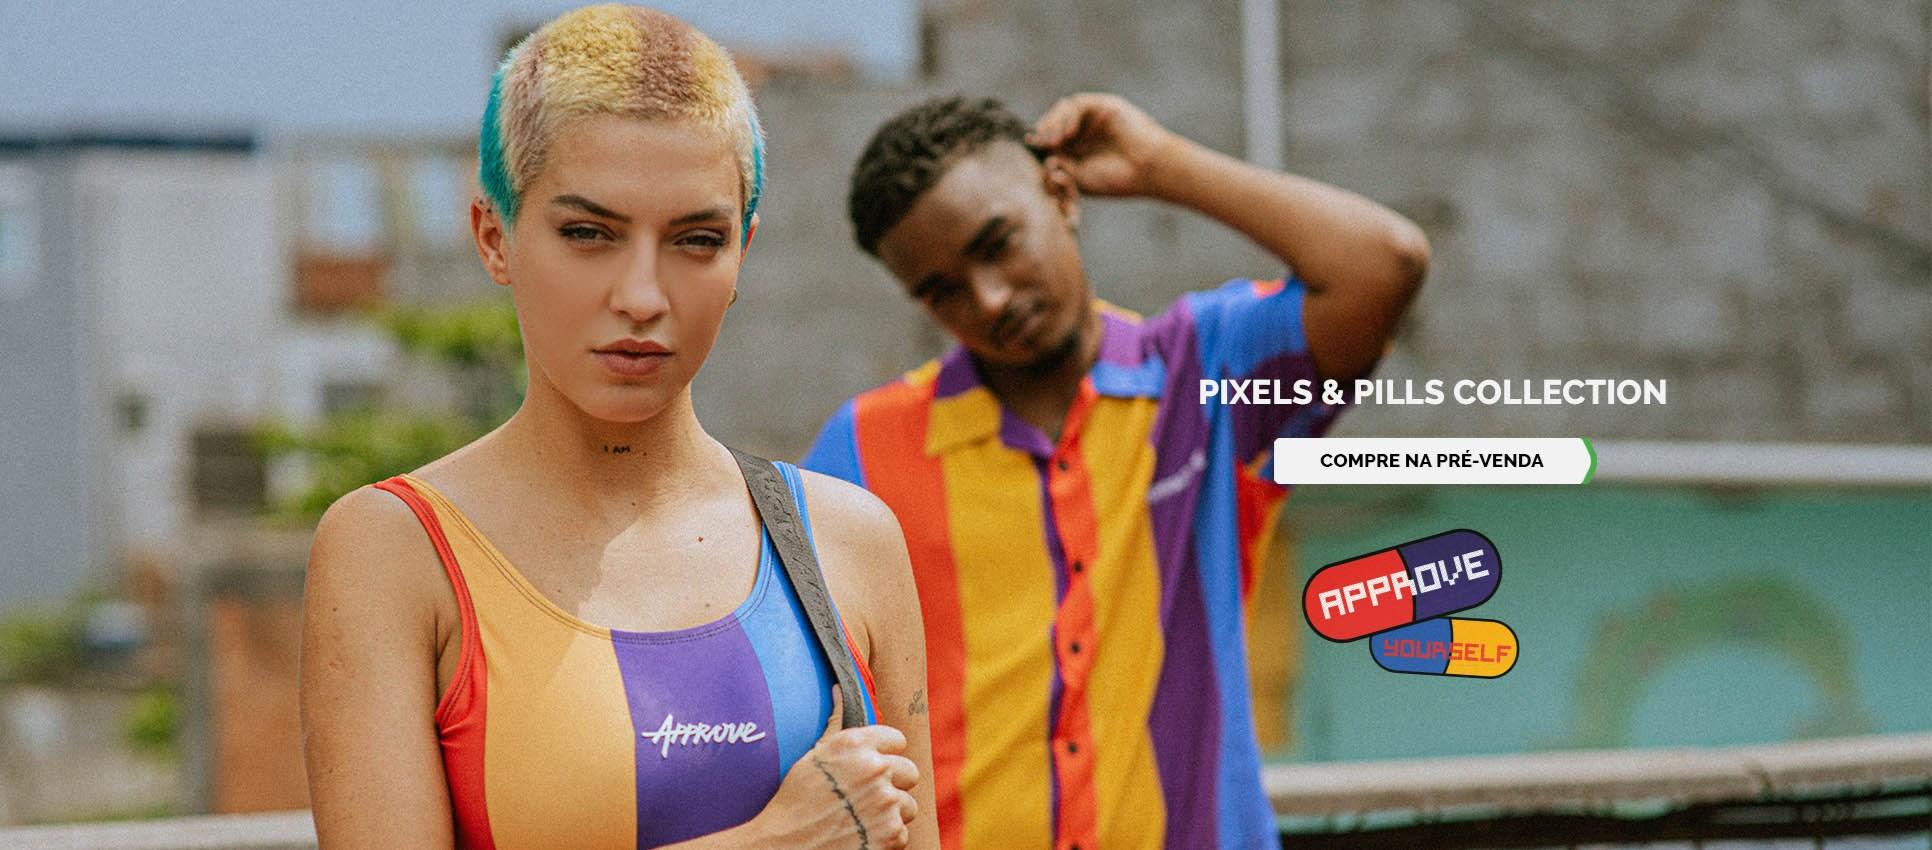 Pixel & Pills - Approve